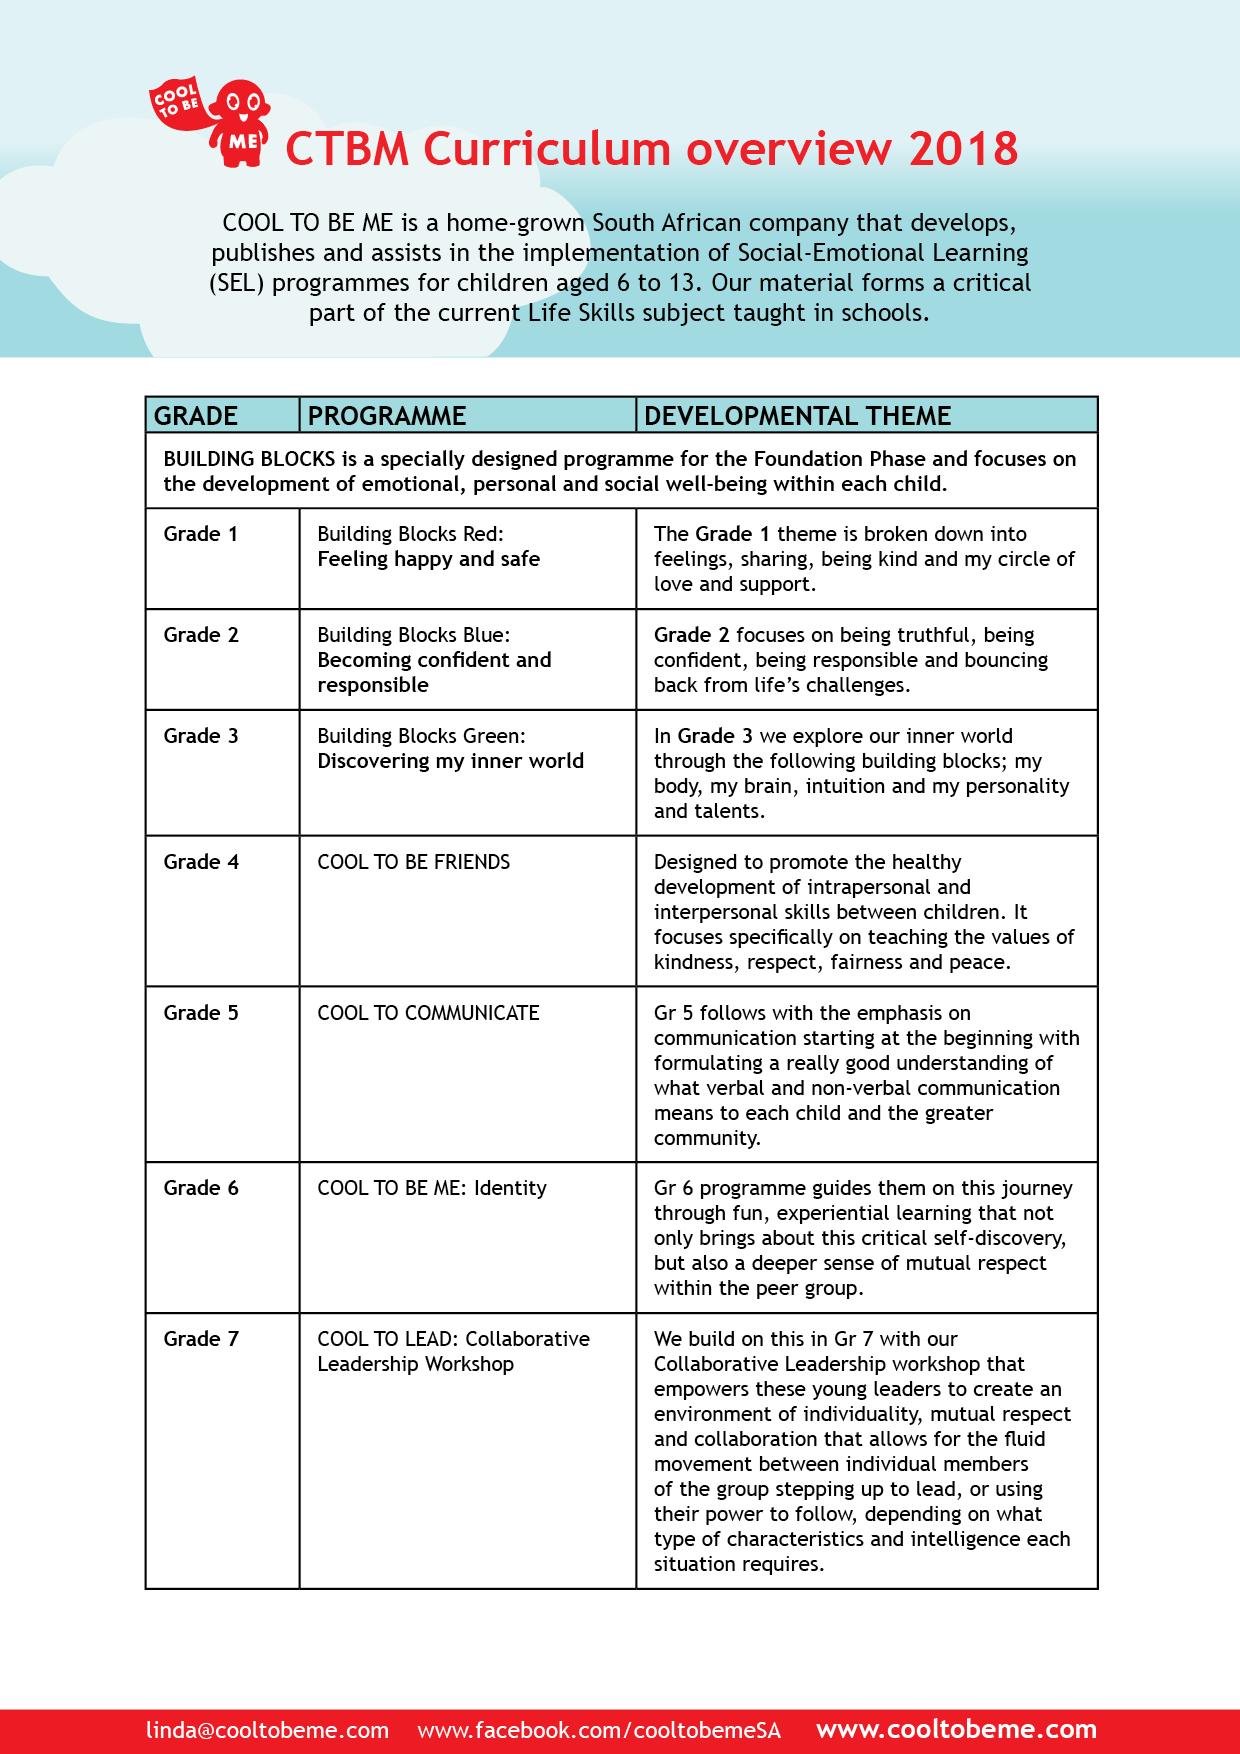 CTBM Curriculum overview 2018